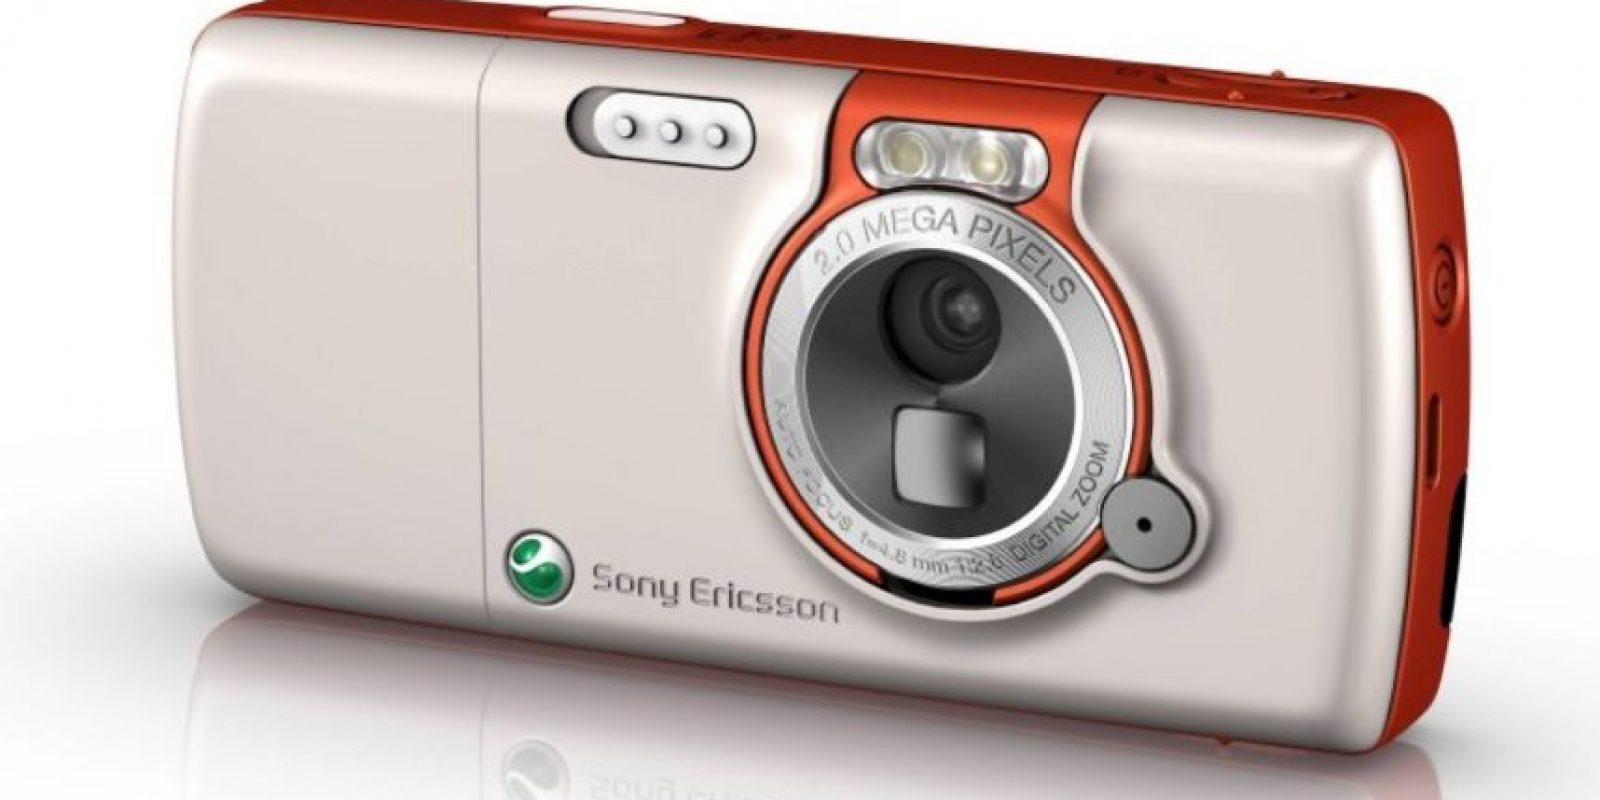 Lanzado en 2005, tenía lector de tarjetas Memory Stick Pro Duo, cámara de 2 megapixeles con linterna LED, 34MB de memoria interna y bocinas con Megabass. Foto:Sony